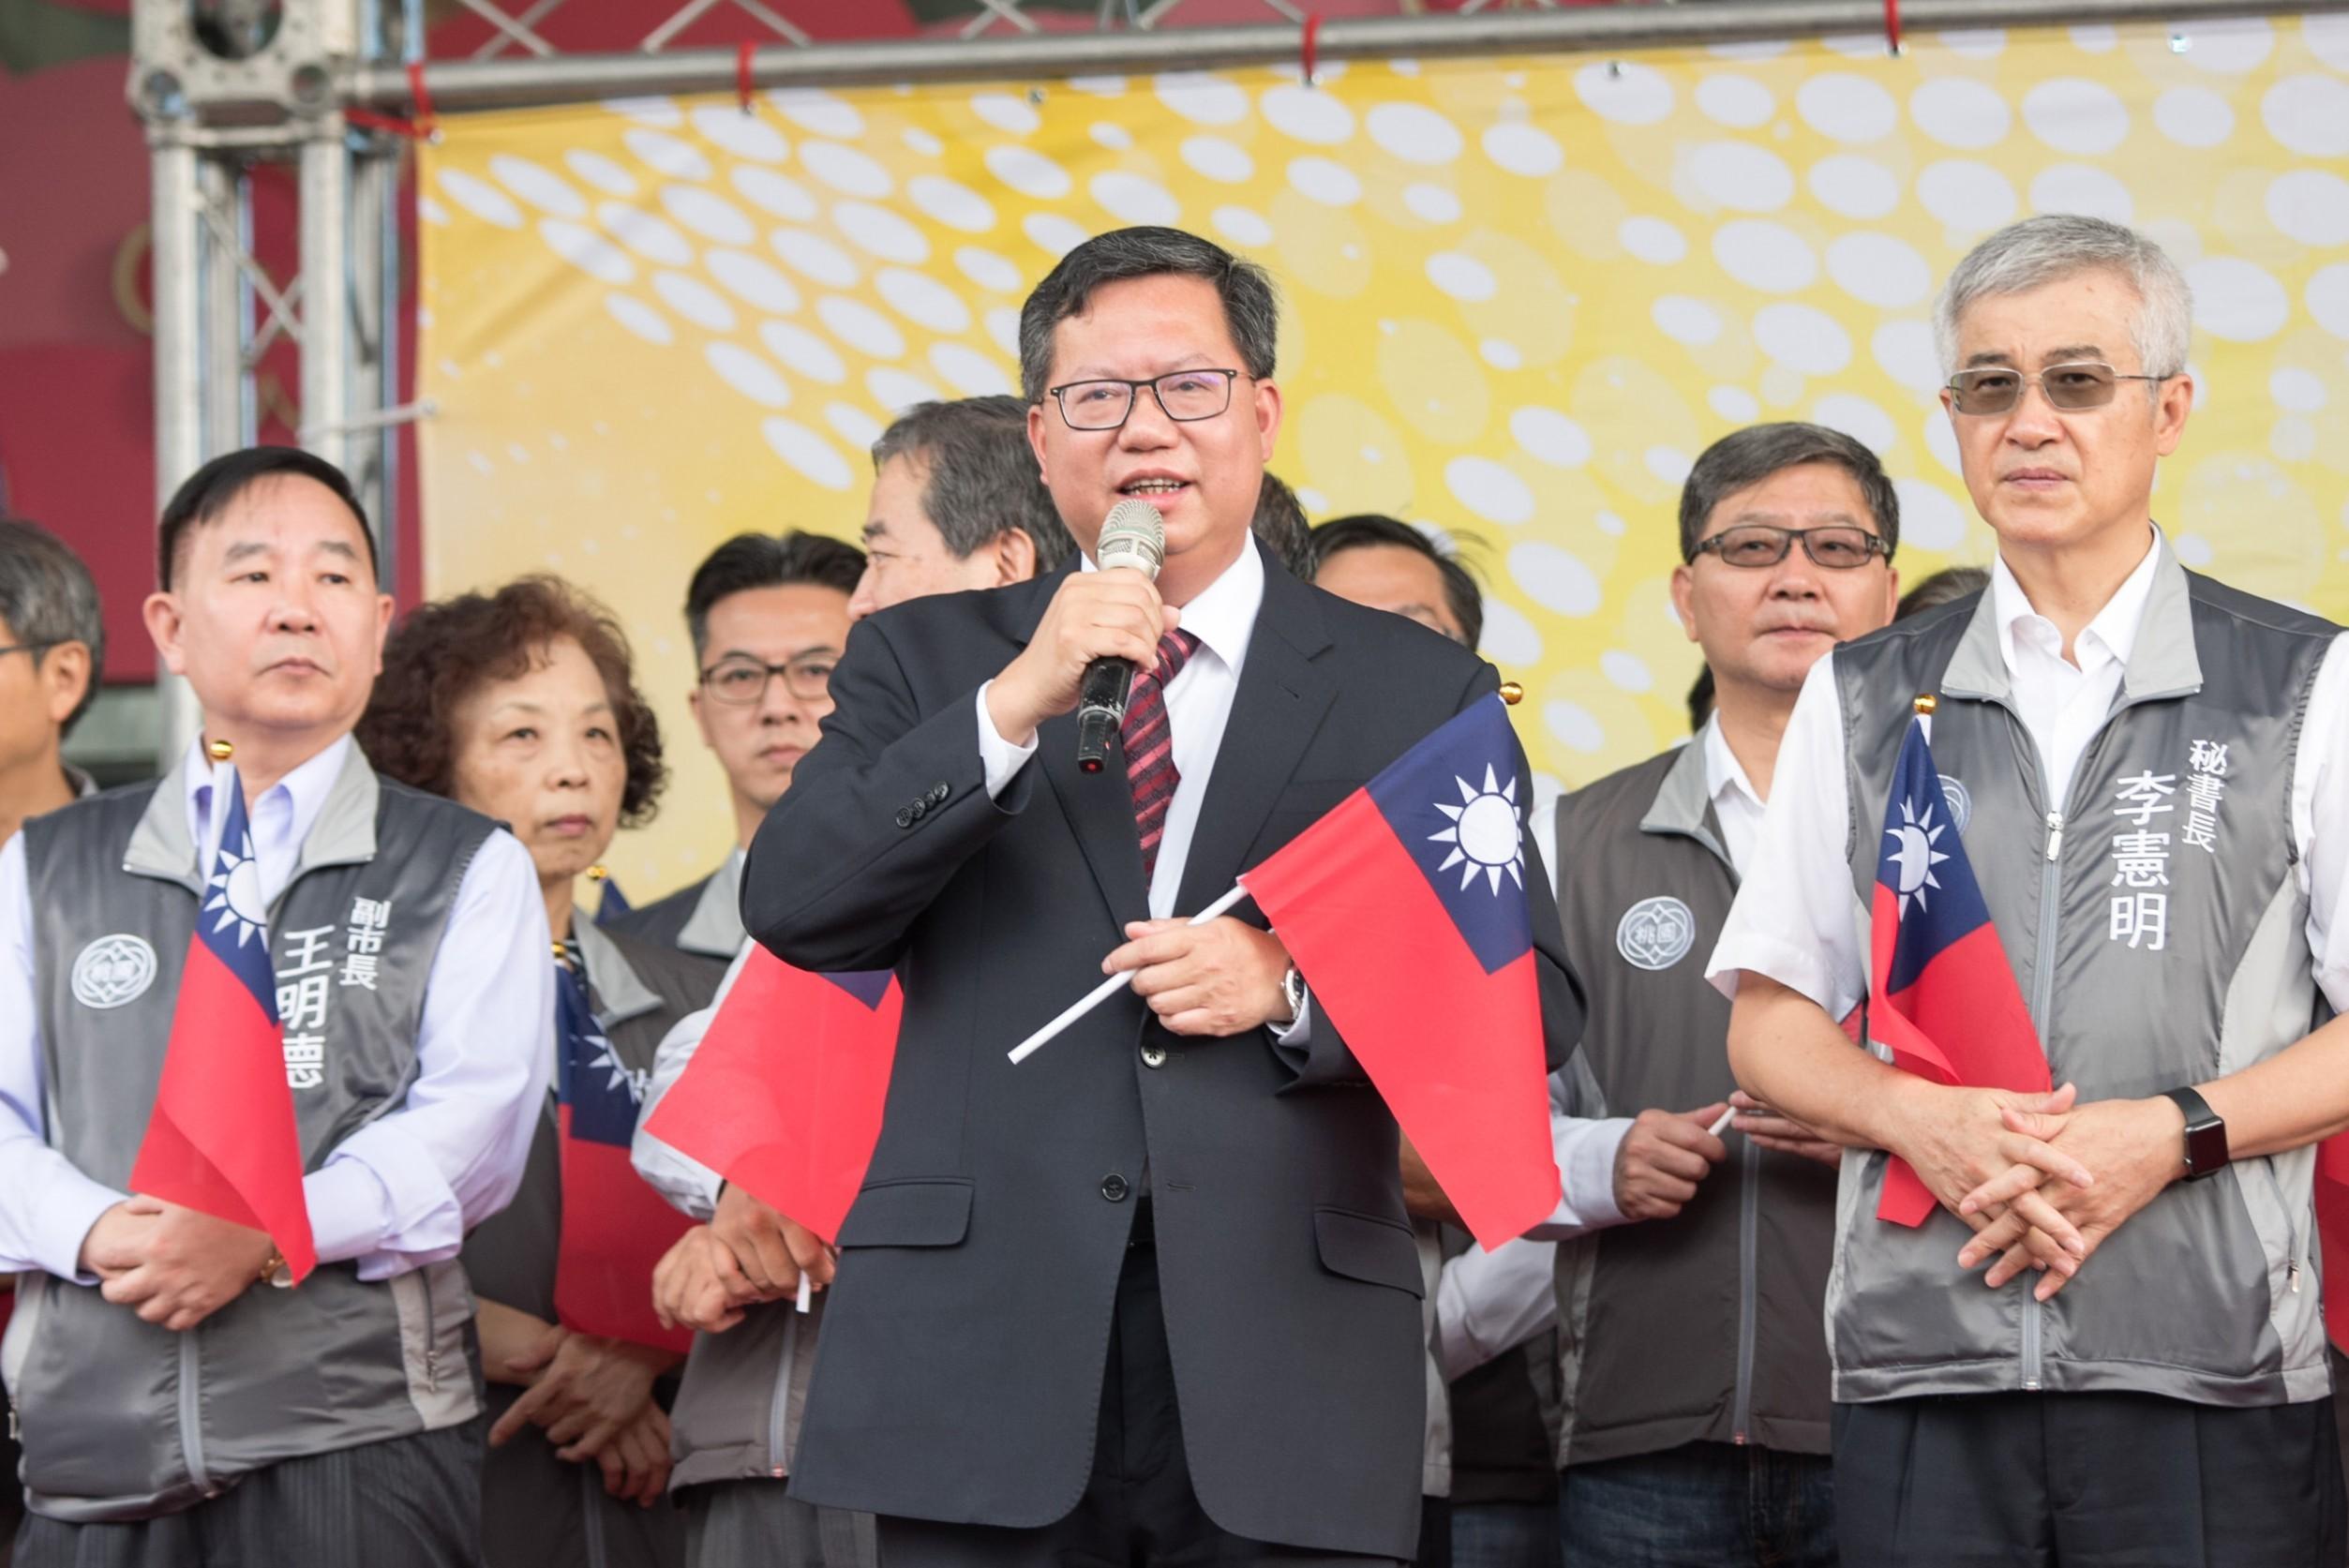 市長致詞表示,認同國家,珍惜國旗,展現民主價值